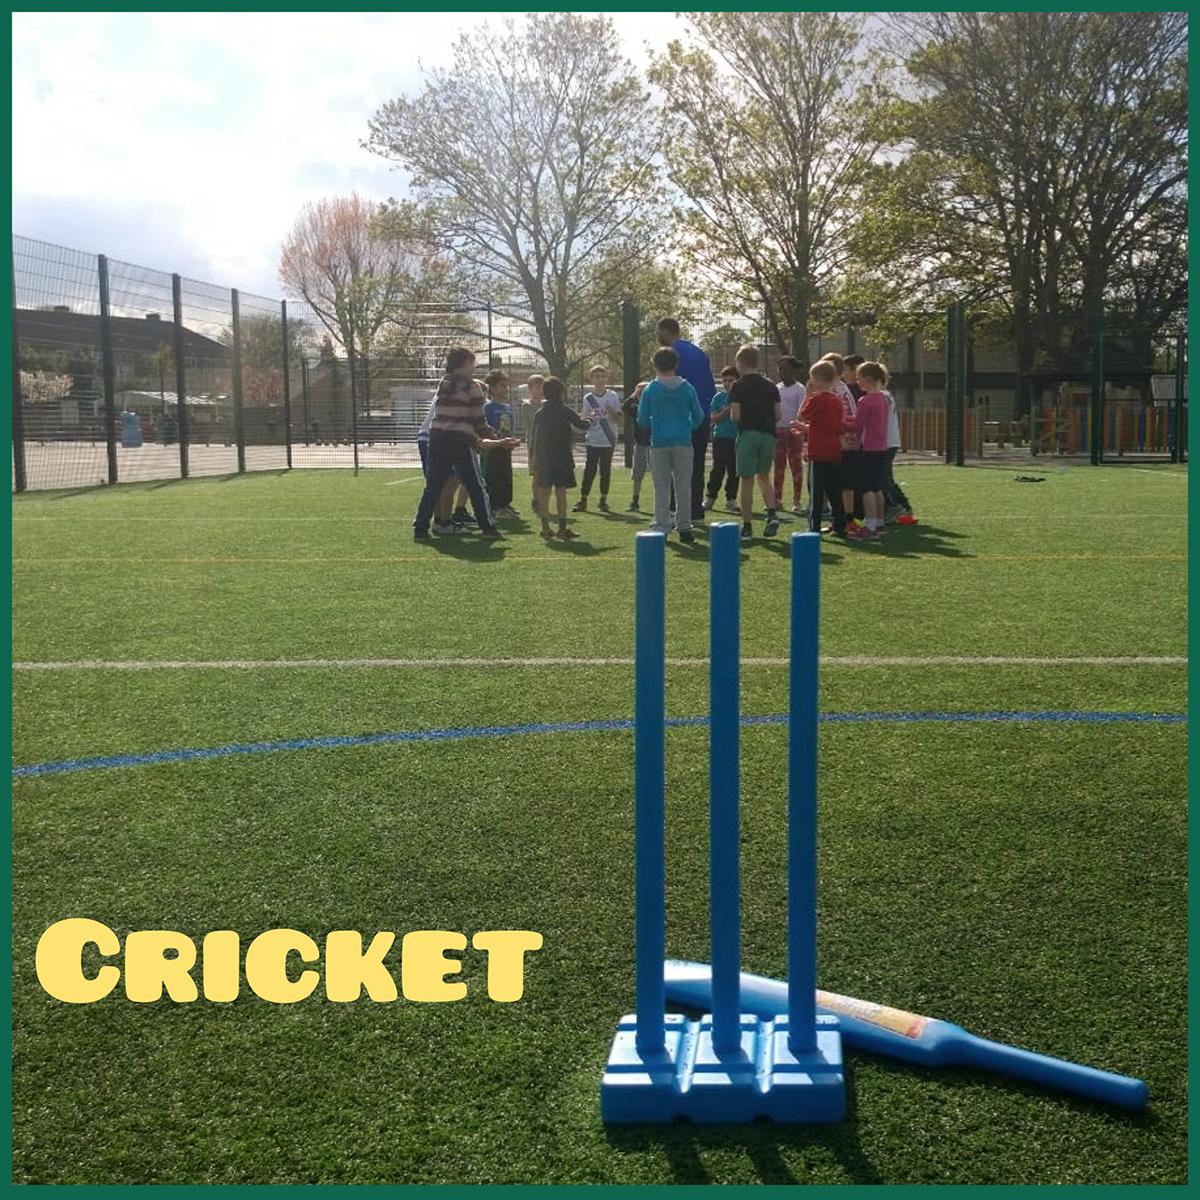 school cricket activities london